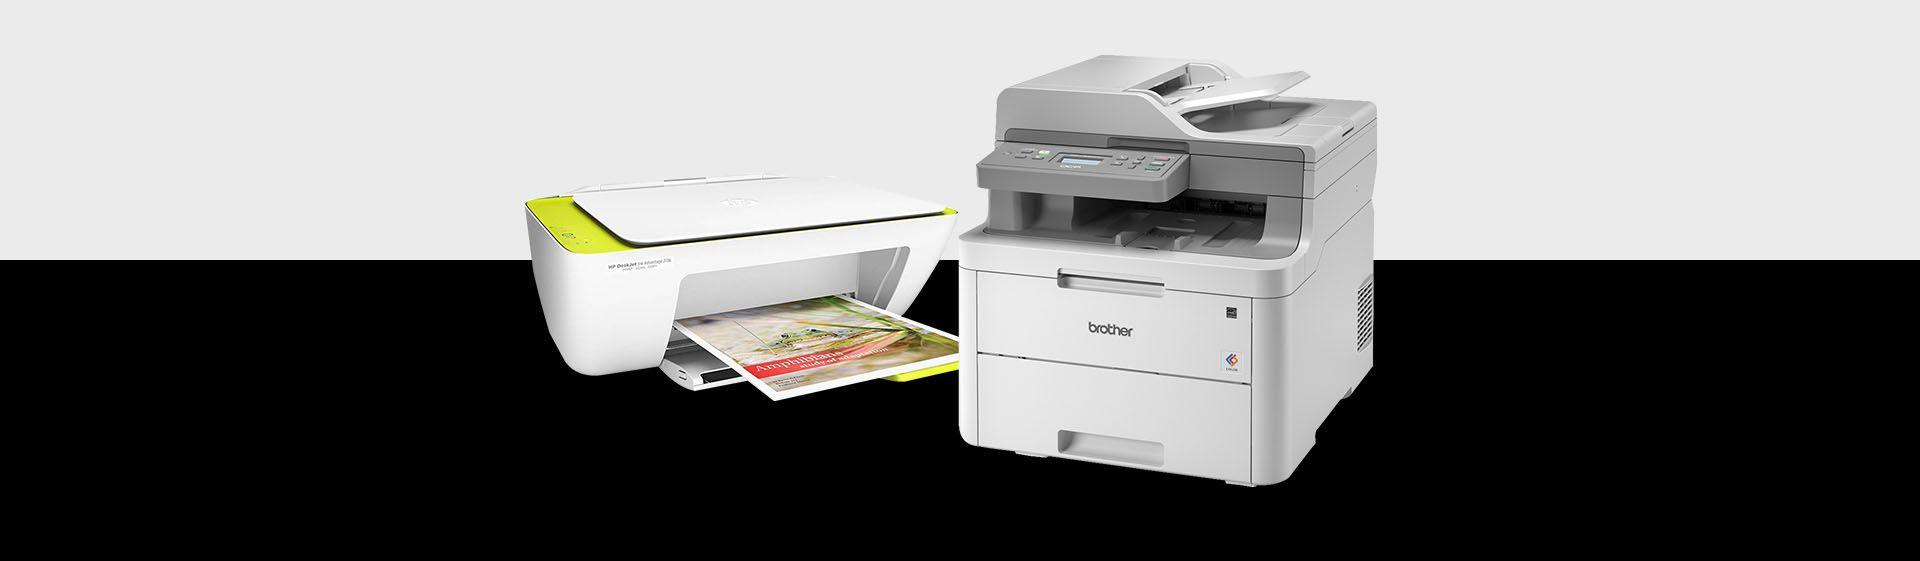 Como avaliamos impressoras no Zoom